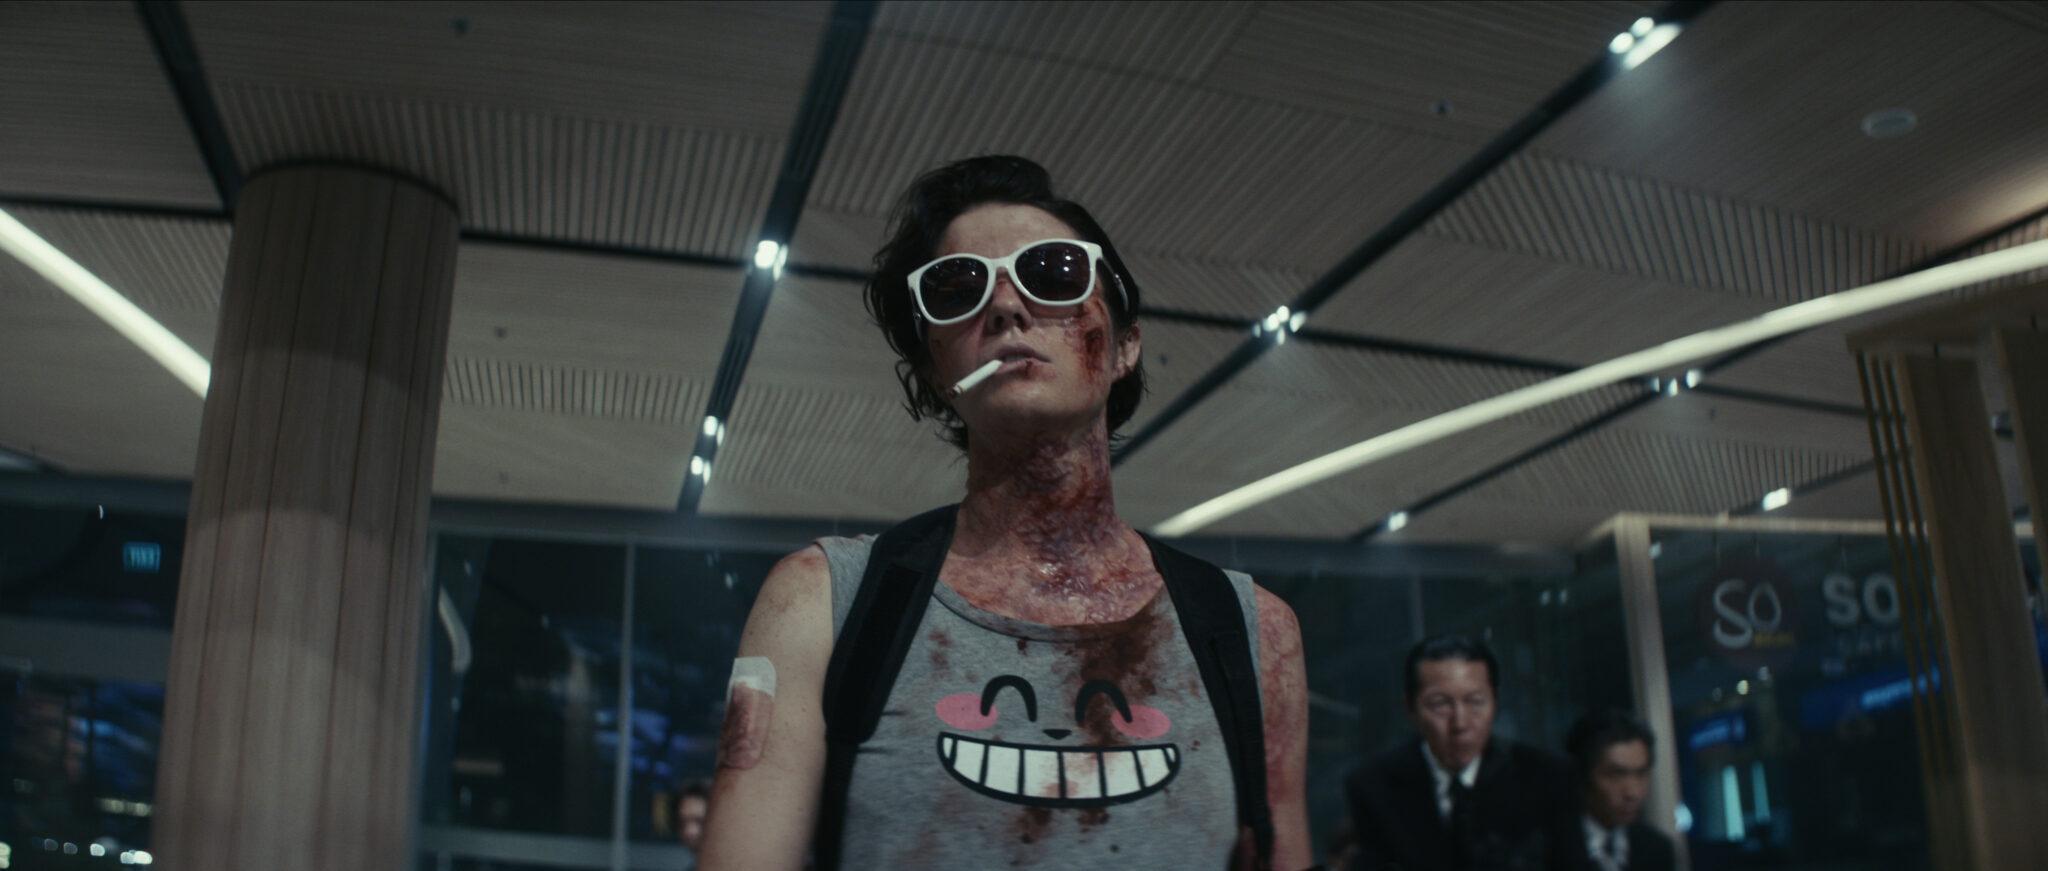 Mary Elizabeth Winstead voll mit Blut, mit Zigarette im Mund und Sonnenbrille. Außerdem trägt sie ein Tanktop mit grinsendem Katzen-Print. Sie steht in einem Büroraum unter Neonröhren und hinter ihr sieht man mehrere Anzugträger